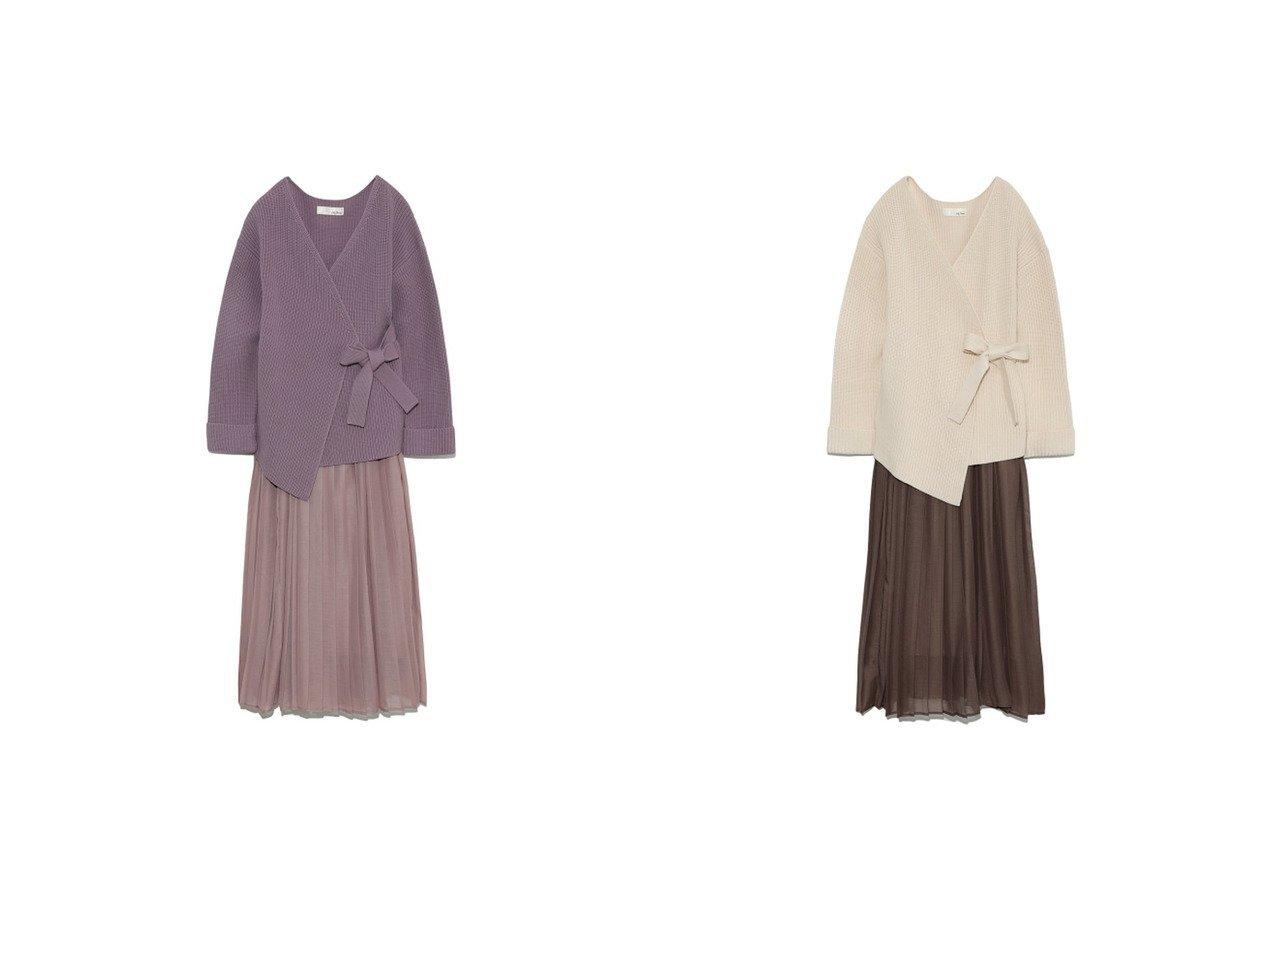 【Lily Brown/リリーブラウン】のニットセットスカート Lily Brownのおすすめ!人気、トレンド・レディースファッションの通販 おすすめで人気の流行・トレンド、ファッションの通販商品 メンズファッション・キッズファッション・インテリア・家具・レディースファッション・服の通販 founy(ファニー) https://founy.com/ ファッション Fashion レディースファッション WOMEN スカート Skirt 春 Spring 畦 シアー スマート セットアップ フェミニン ラップ ラベンダー リボン 2021年 2021 S/S 春夏 SS Spring/Summer 2021 春夏 S/S SS Spring/Summer 2021  ID:crp329100000019647